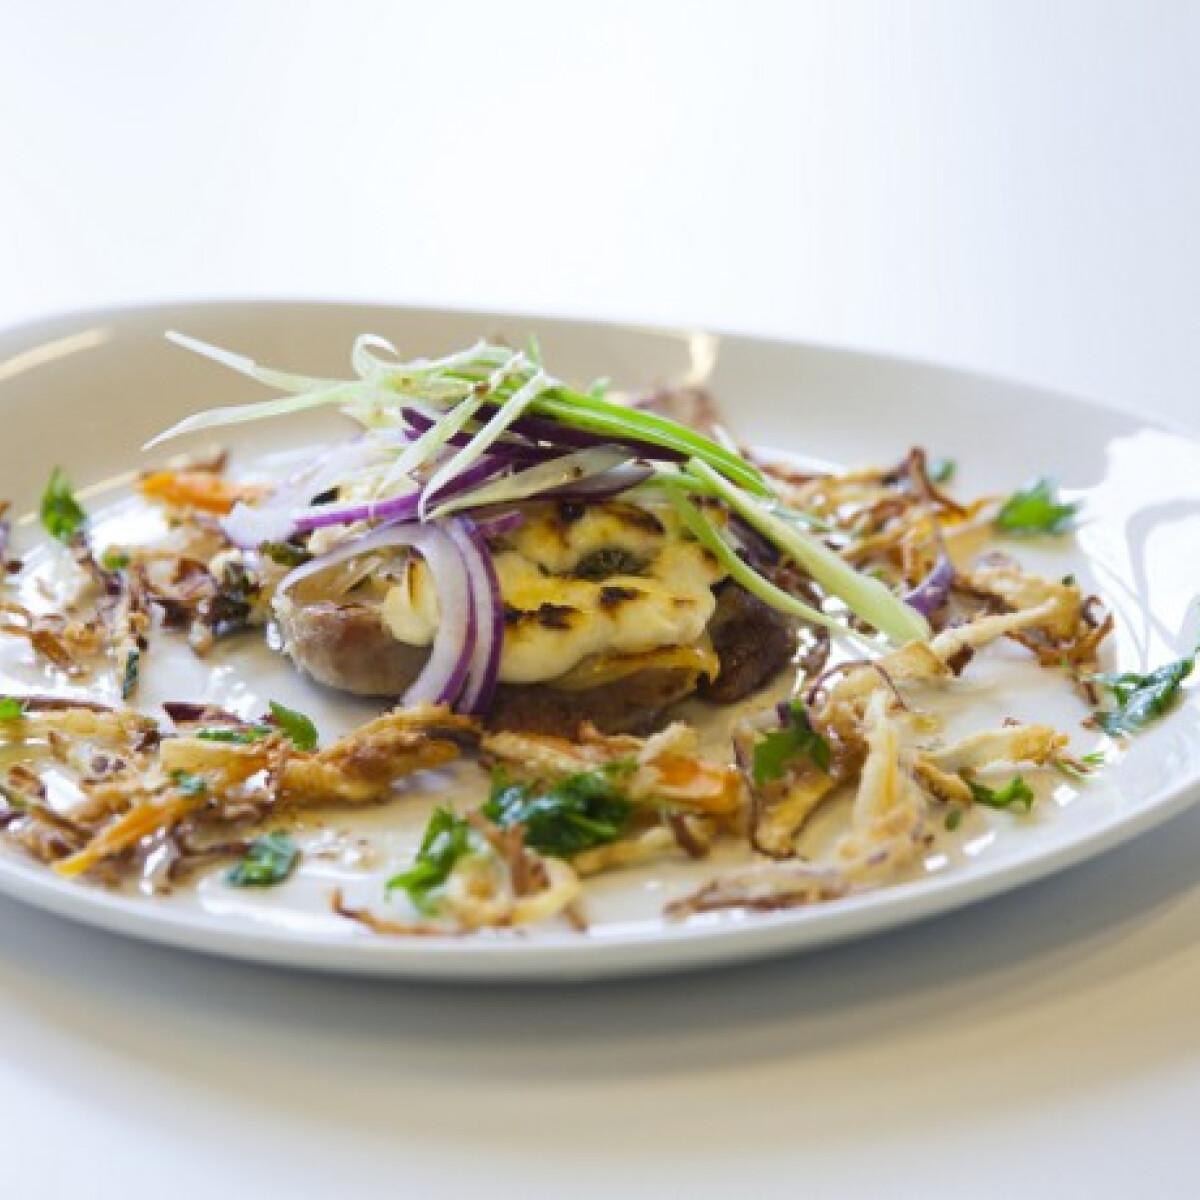 Ezen a képen: Tejfölben sült tarja ropogós sült zöldségekkel